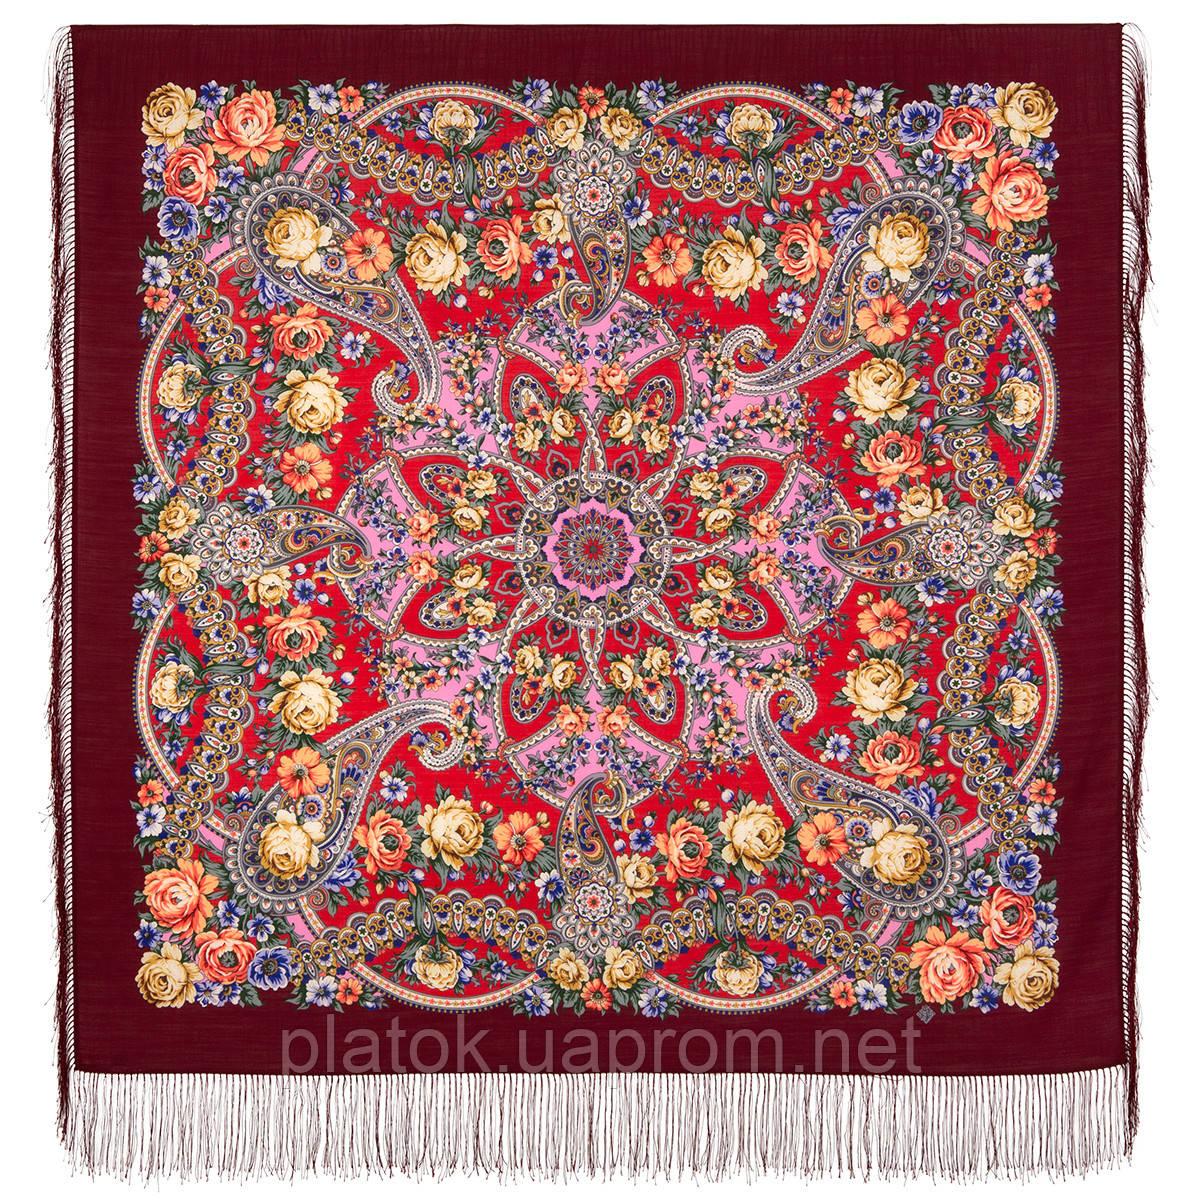 Девица-краса 1869-6, павлопосадский платок шерстяной с шелковой бахромой